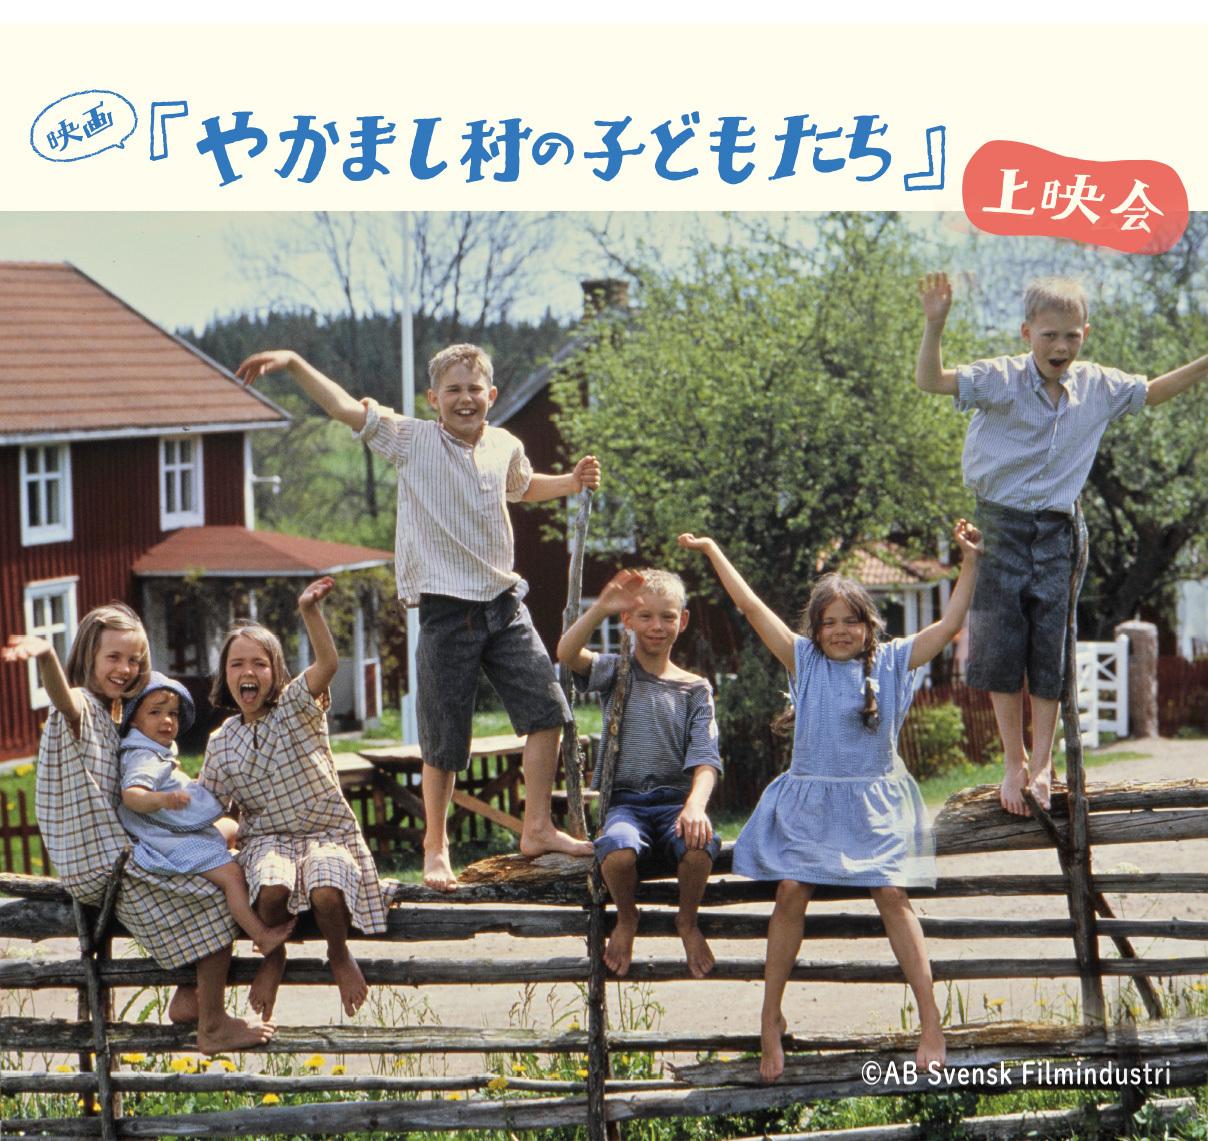 長くつ下のピッピの世界展開催記念!『やかまし村の子どもたち』上映会